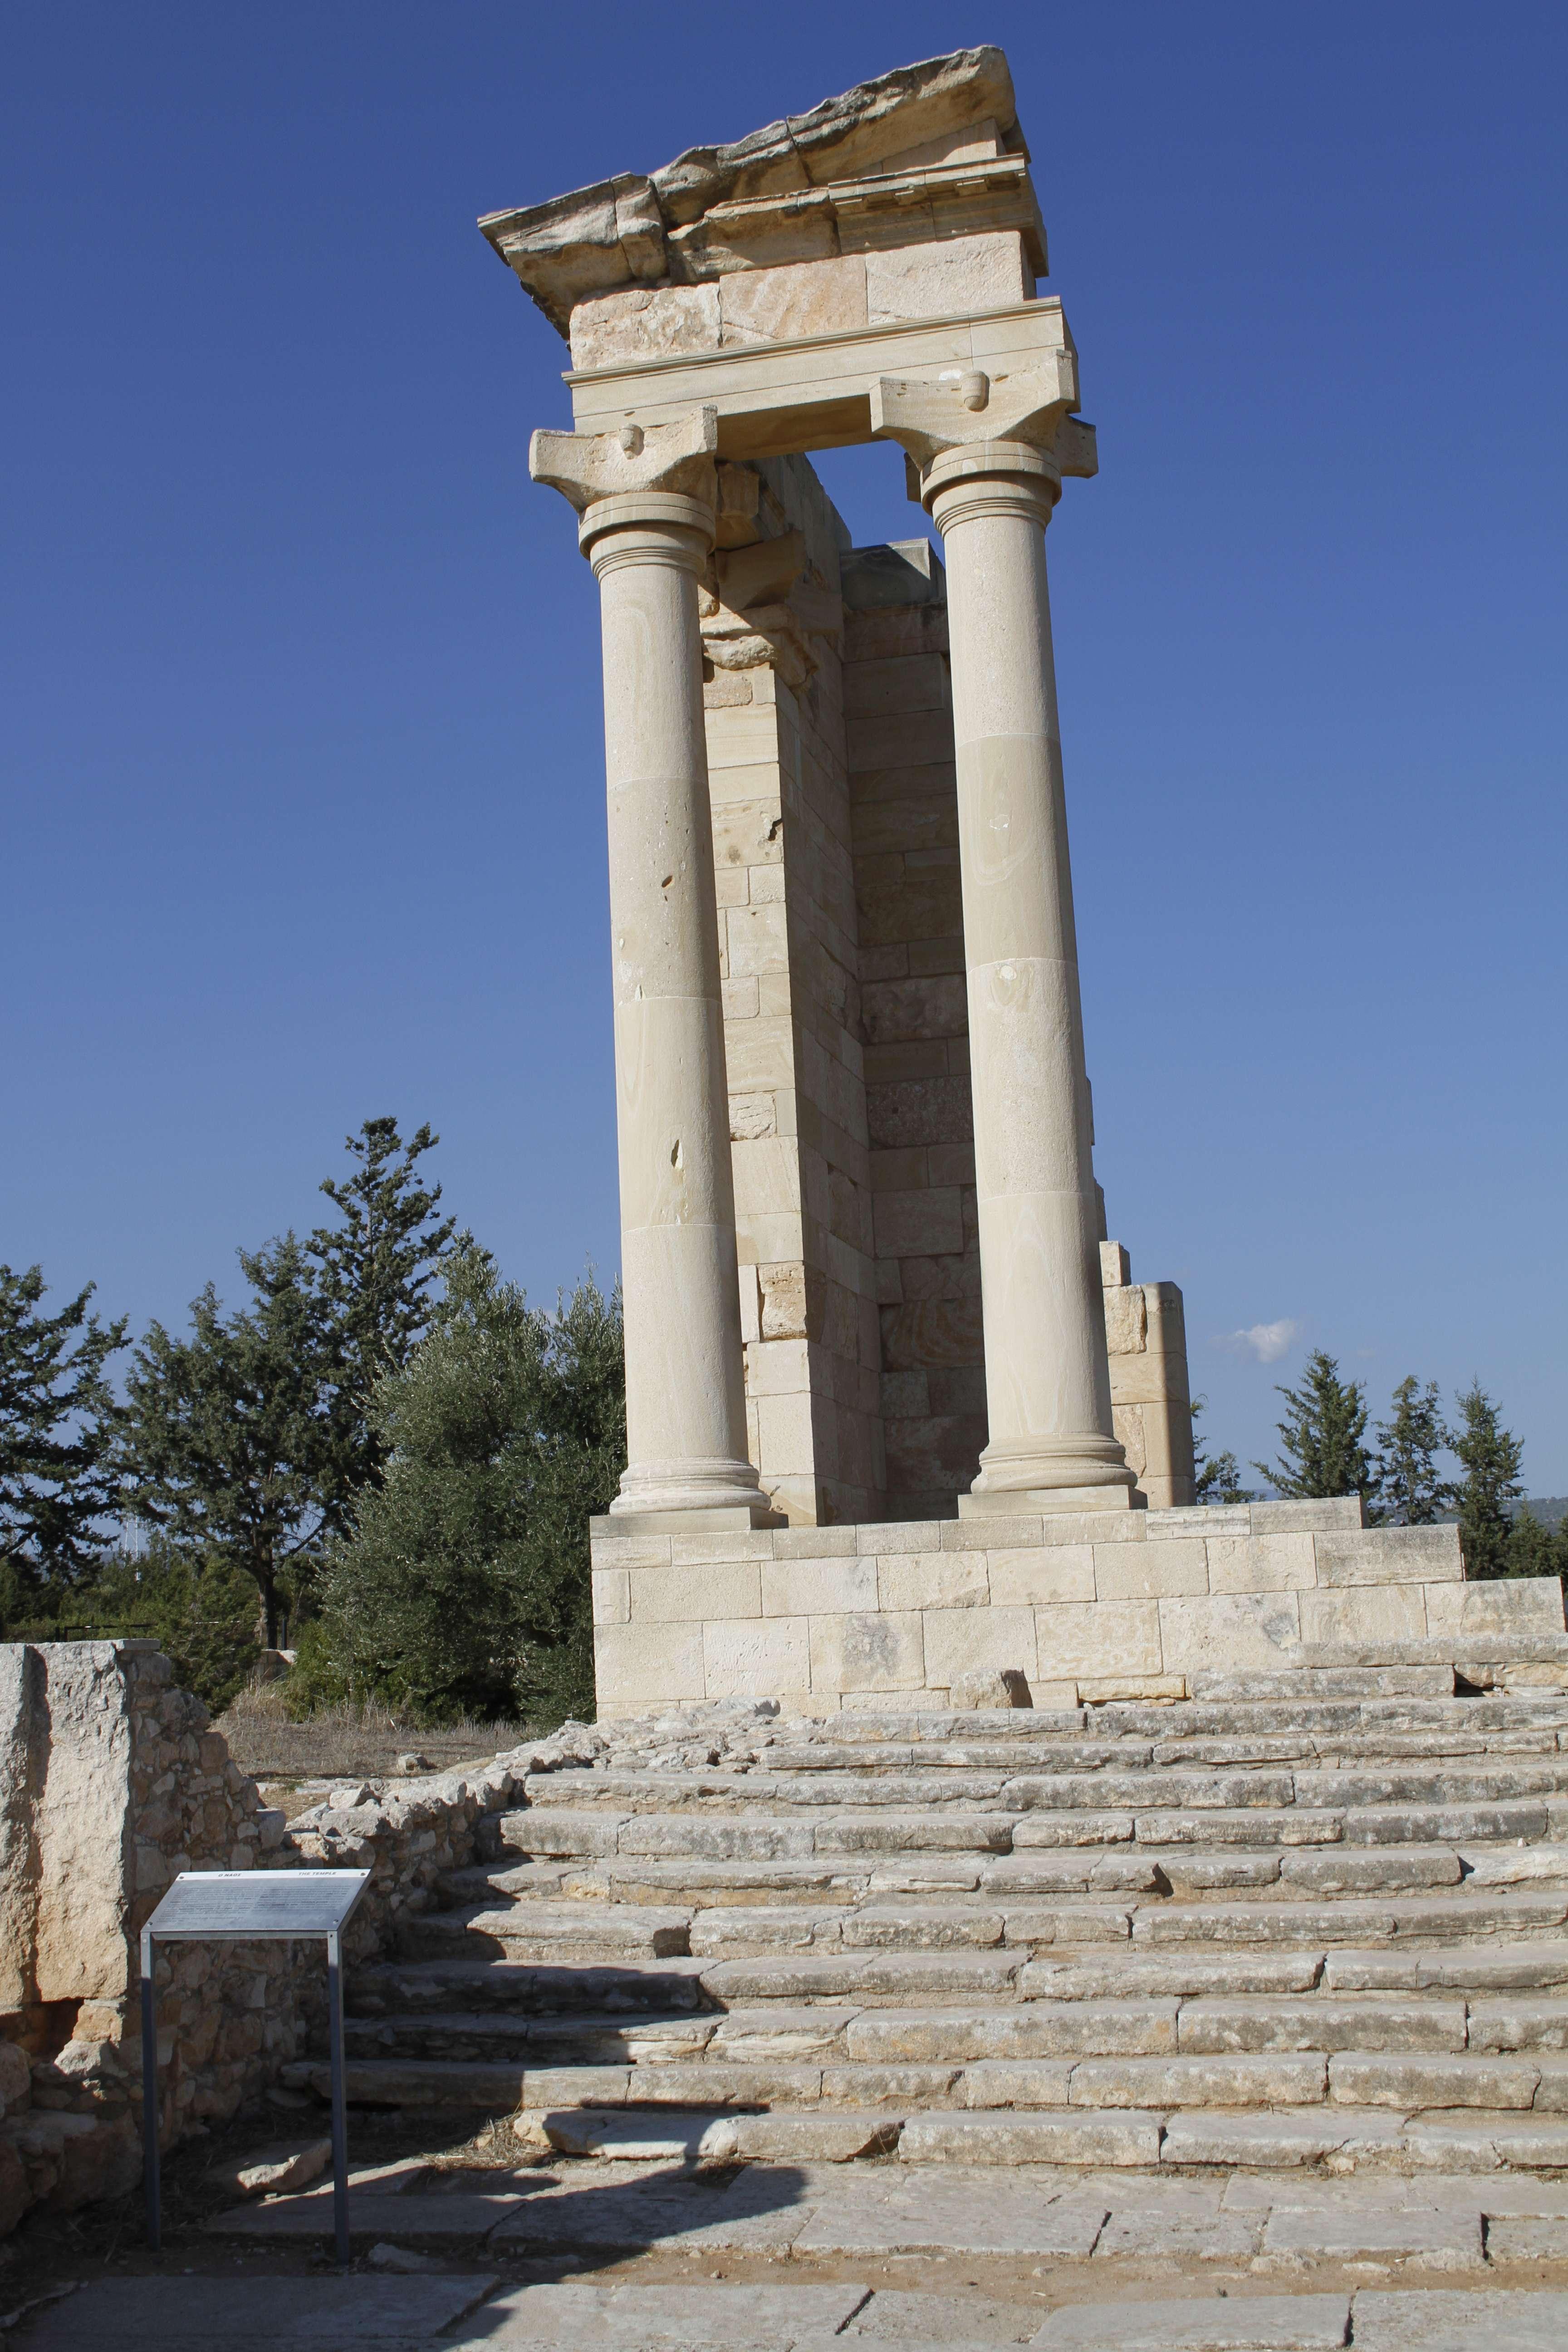 Chypre_0151 sanctuaire d Apollon Hylates reconstruction temple